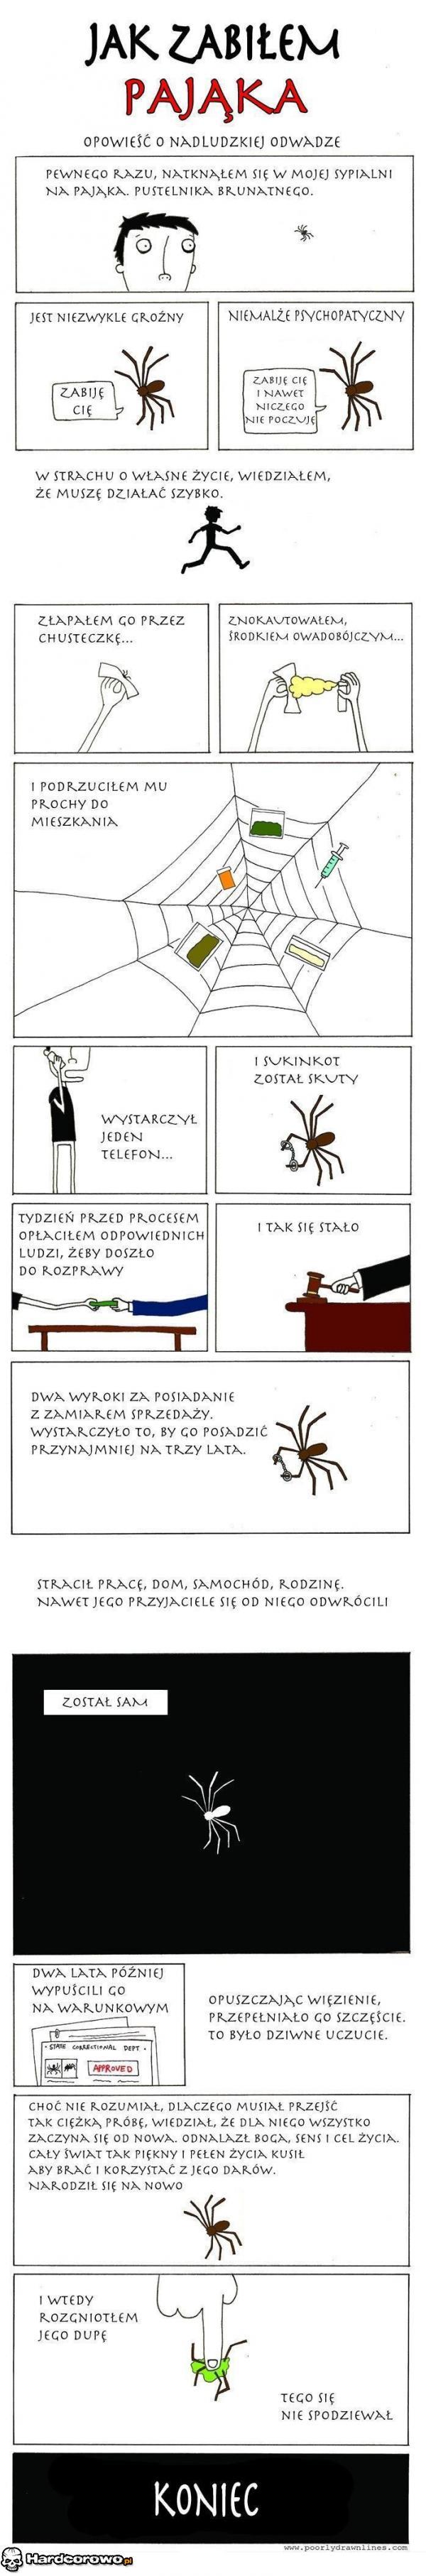 Jak zabiłem pająka - 1